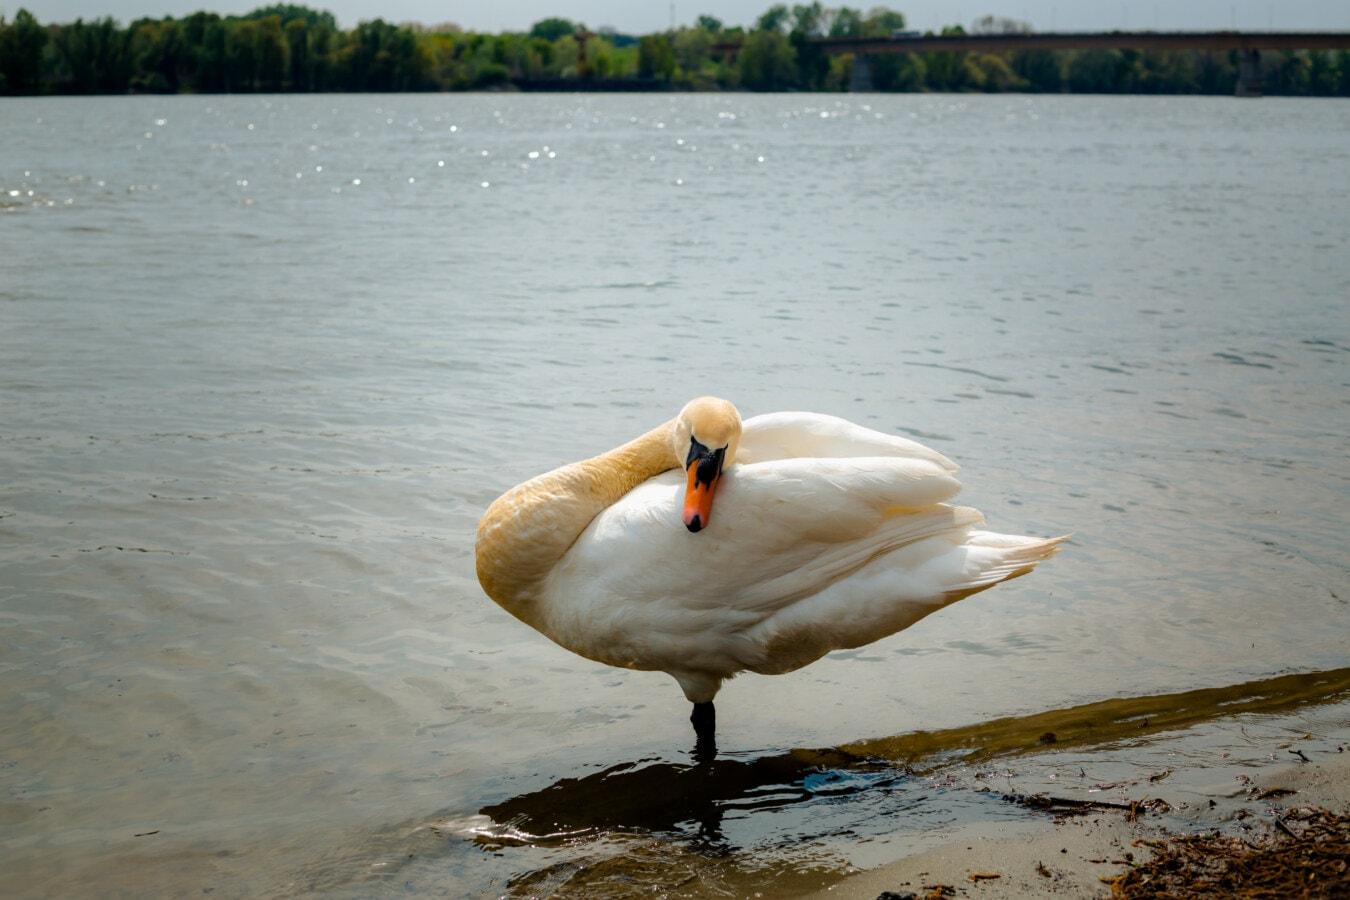 αυχένα, Κύκνος, πουλί, από κοντά, στέκεται, υδρόβιων πουλιών, Λίμνη, νερό, υδρόβια πτηνά, Ποταμός